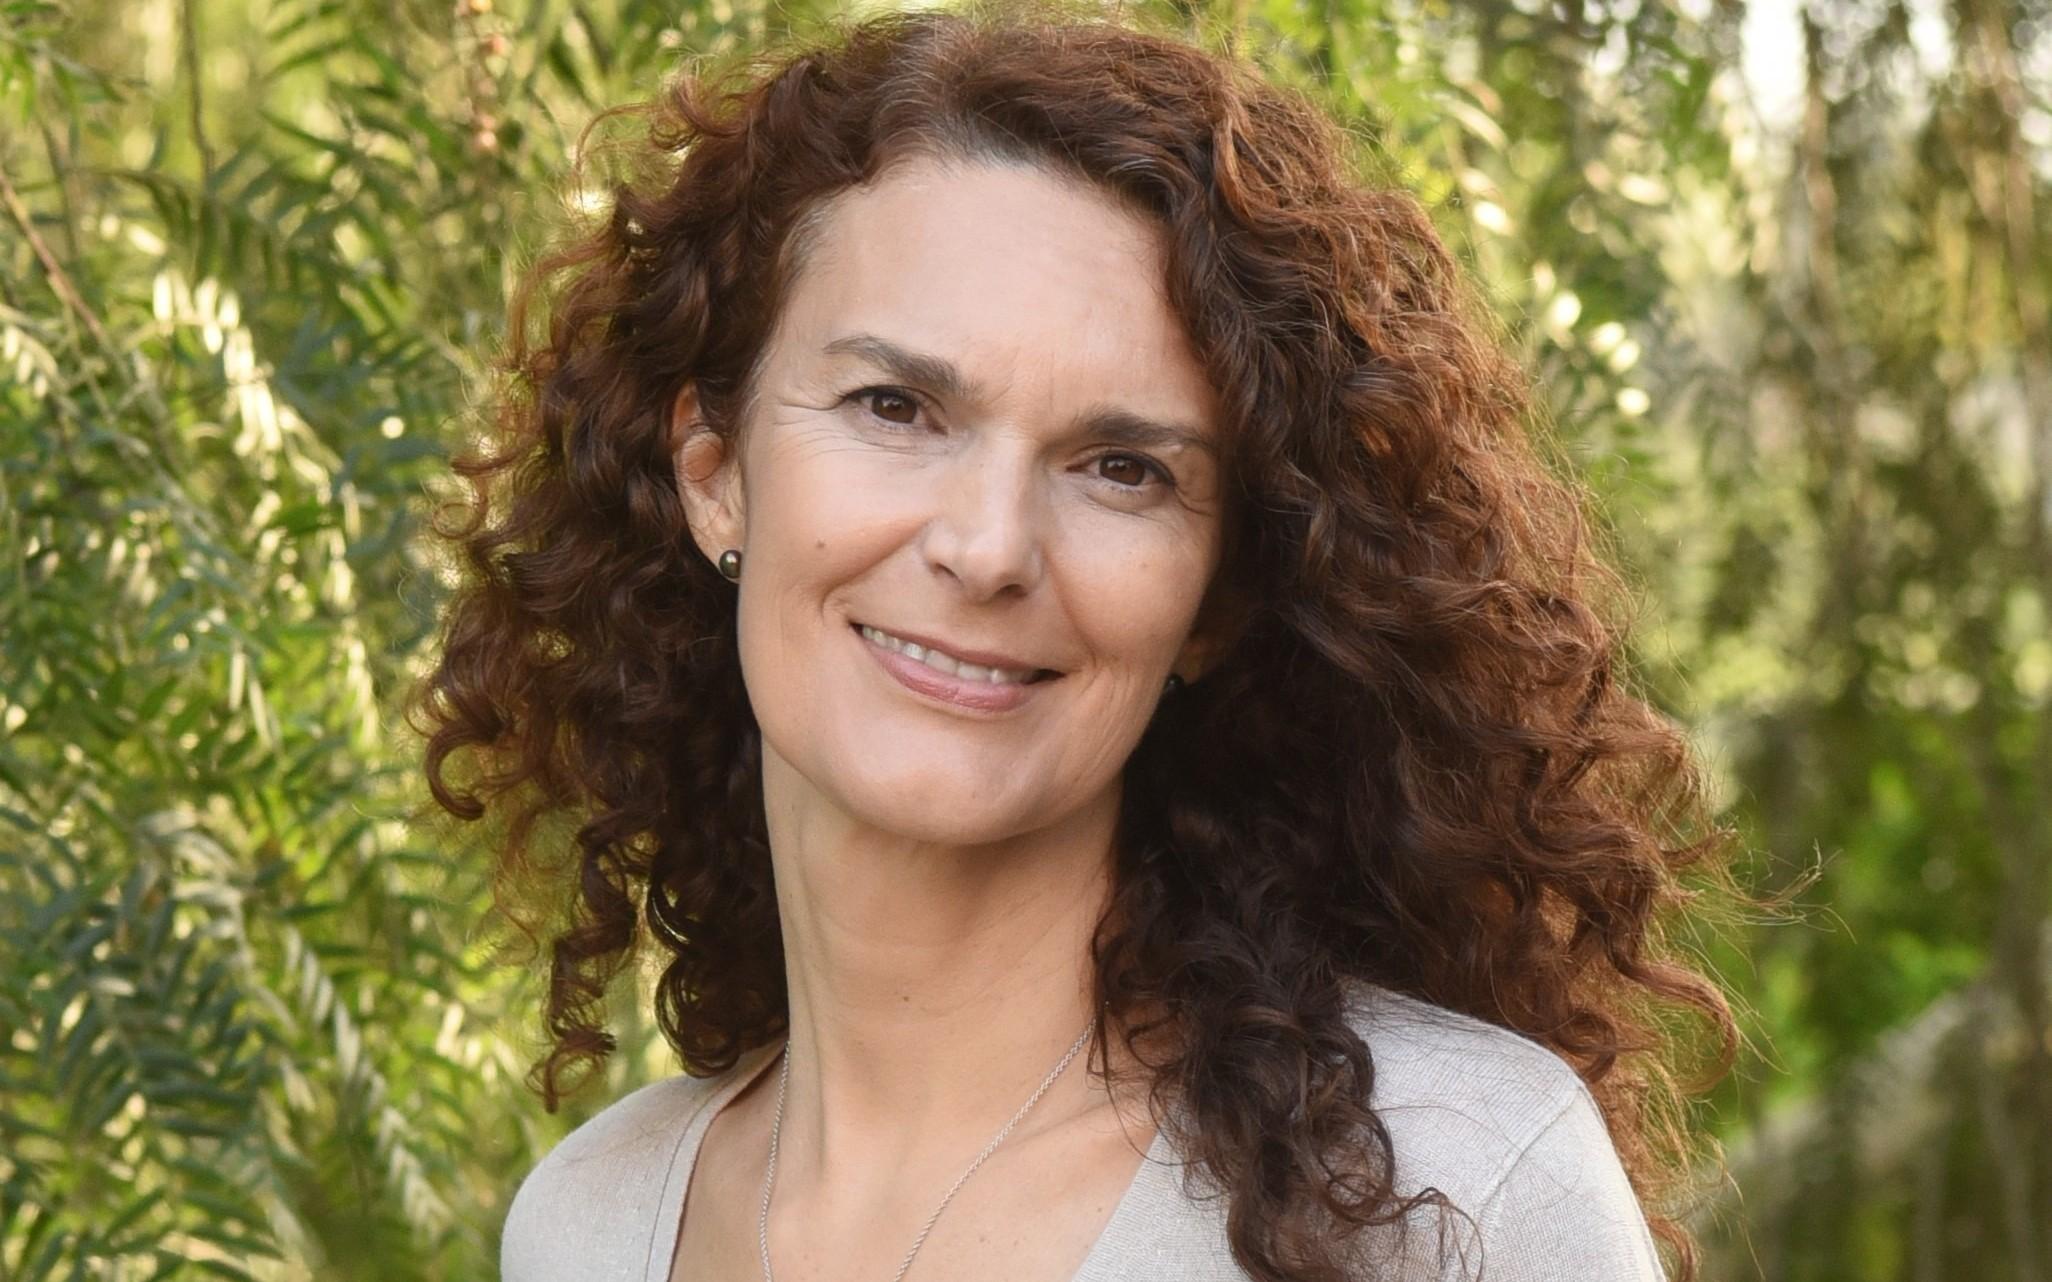 Elisa Sebbel